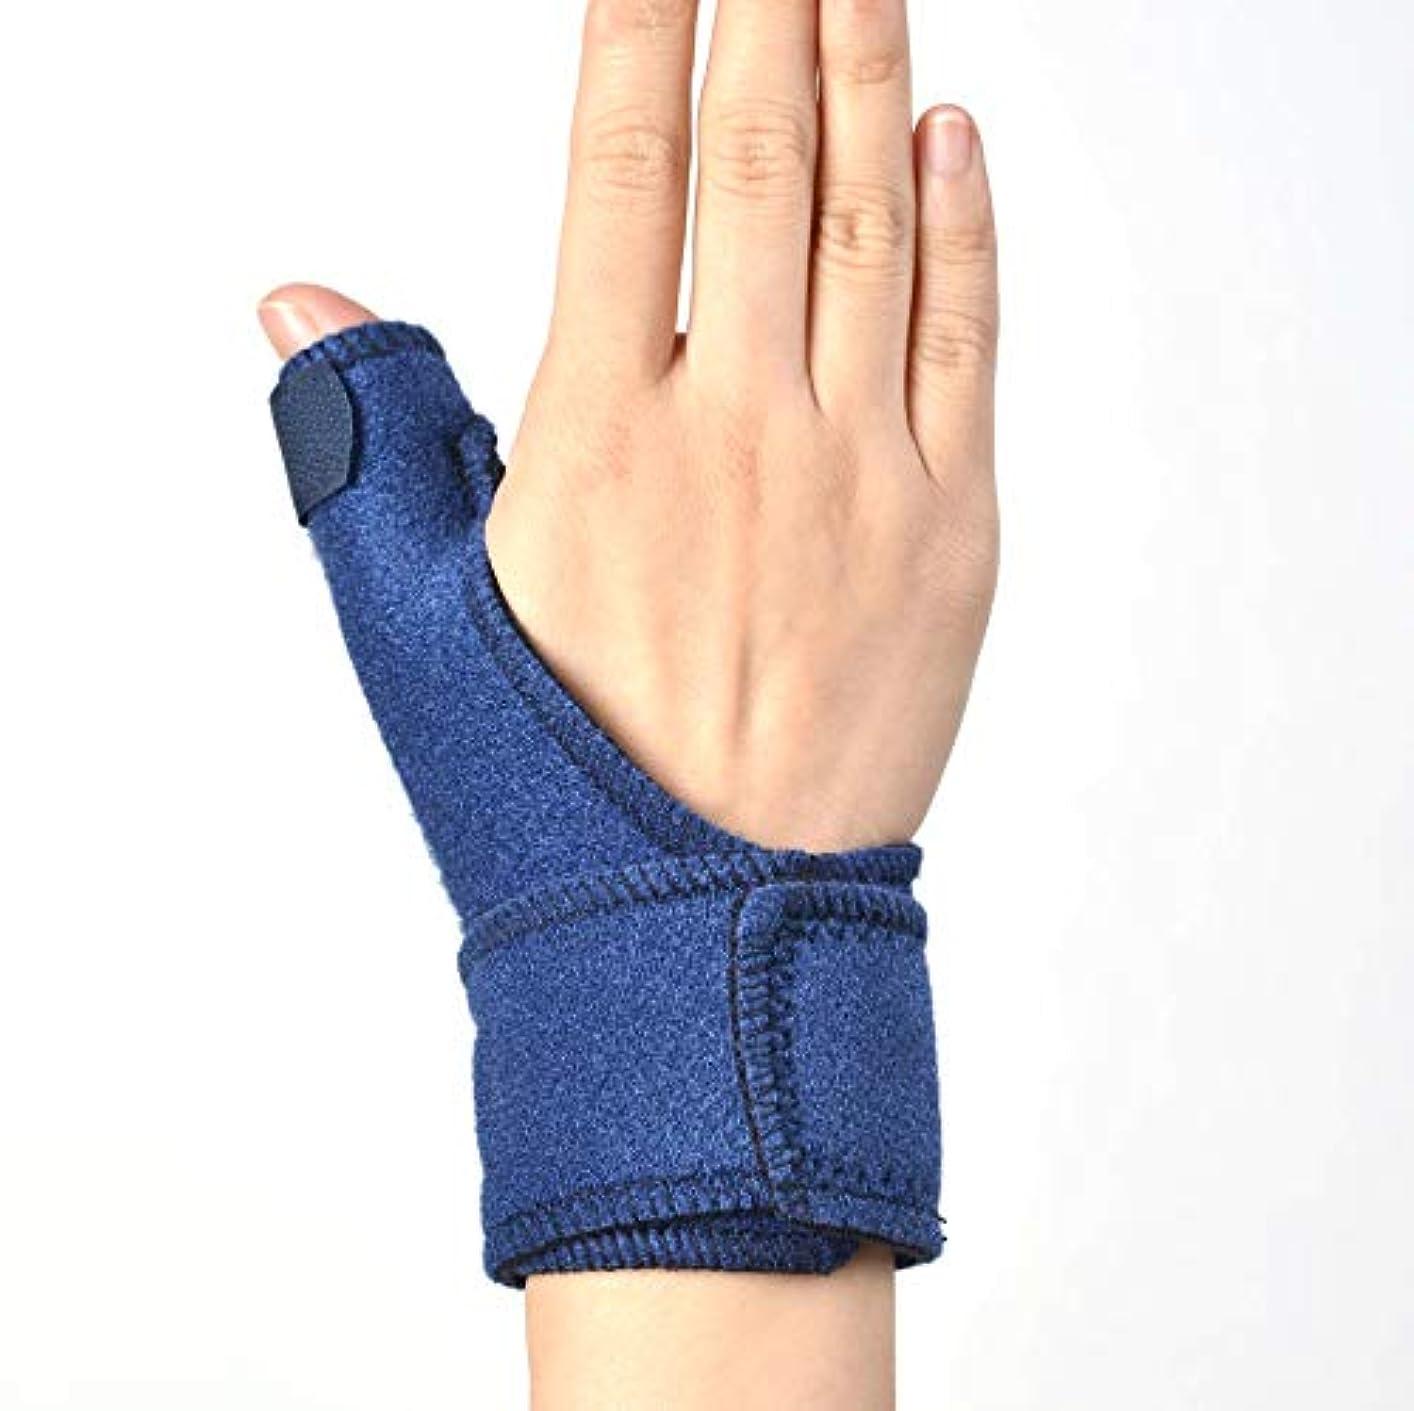 第冗長行方不明親指スプリント、マジックテープ調節可能な親指サポートブレースとガード腱炎 - 指スプリント親指固定具は左右の手にフィット